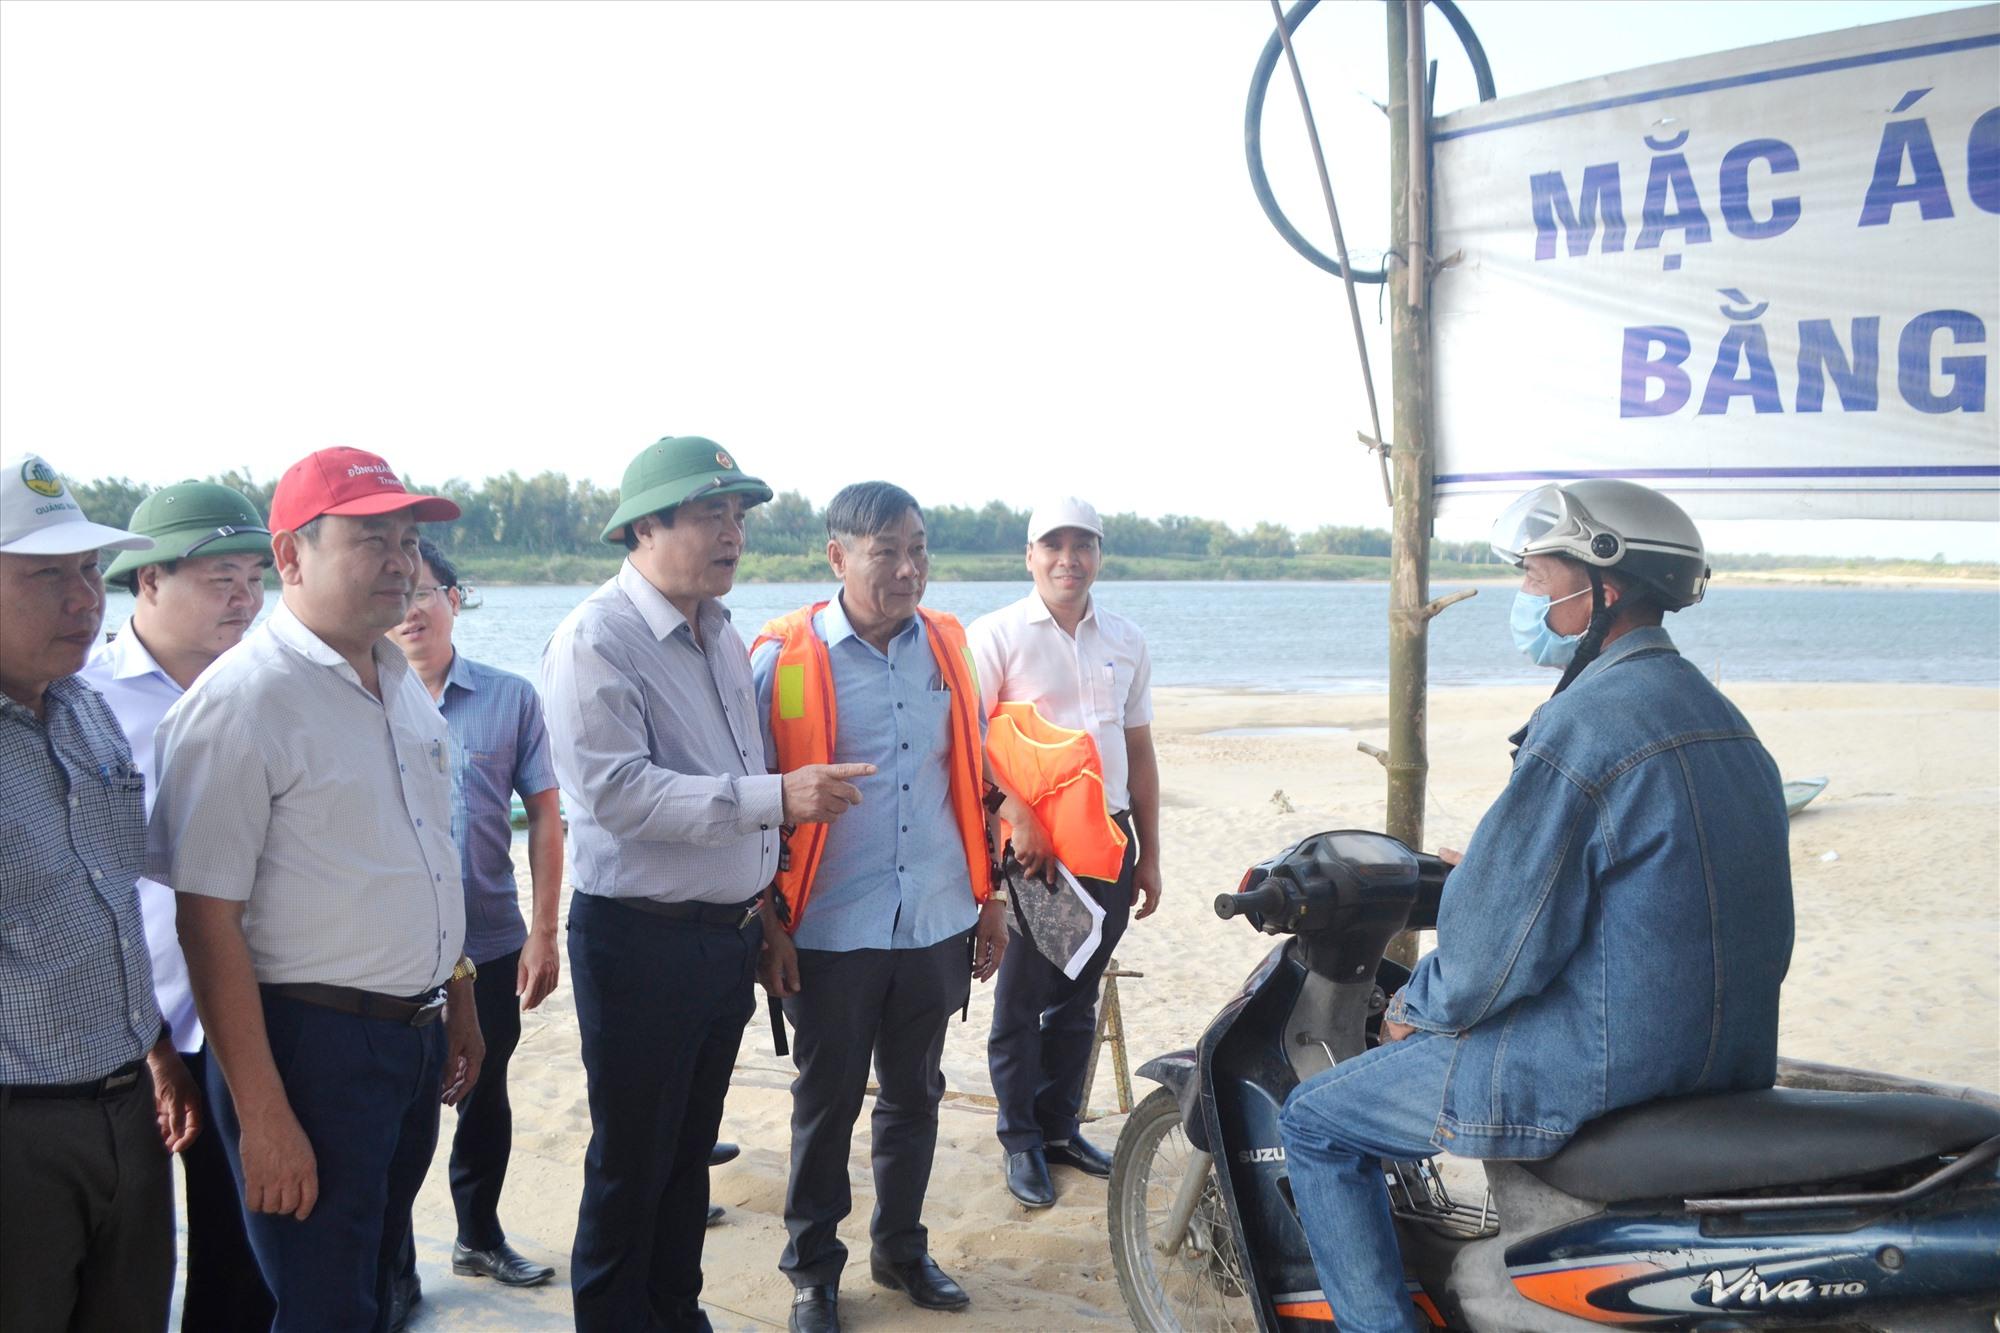 Bí thư Tỉnh ủy Phan Việt Cường nói chuyện với người dân đi đò ngang Duy Tân-Phú Thuận. Ảnh: CT